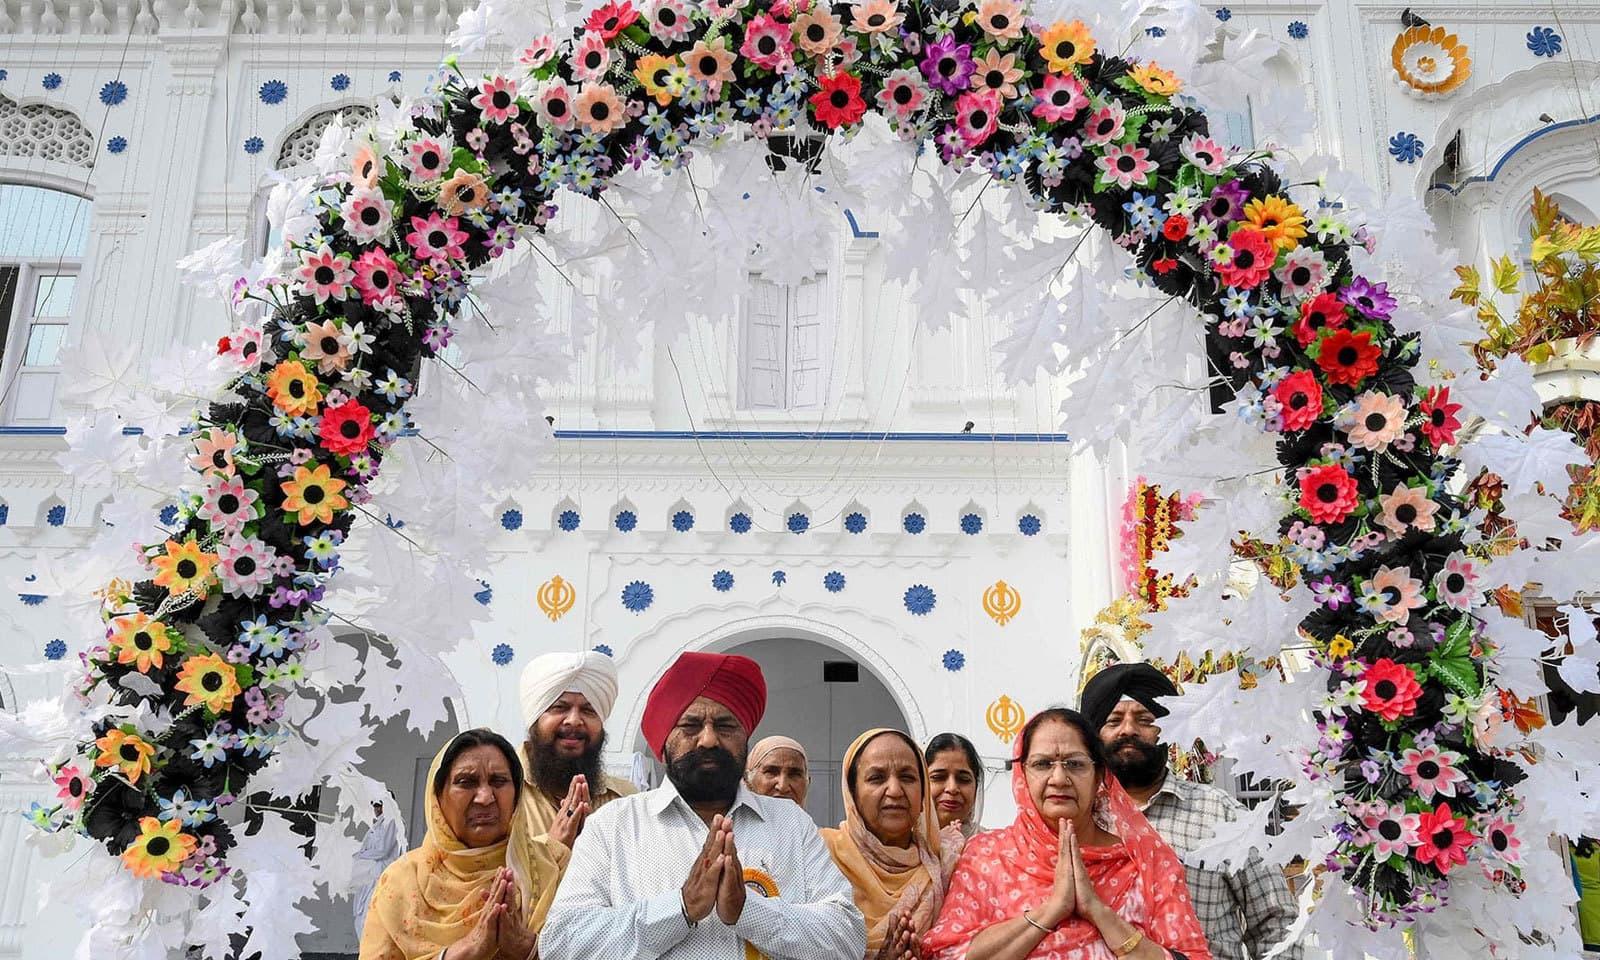 گوردوارہ ڈیرہ صاحب آنے والے سکھ یاتریوں کے لیے دیگر سہولیات کا انتظام بھی کیا گیا ہے — فوٹو: اے ایف پی